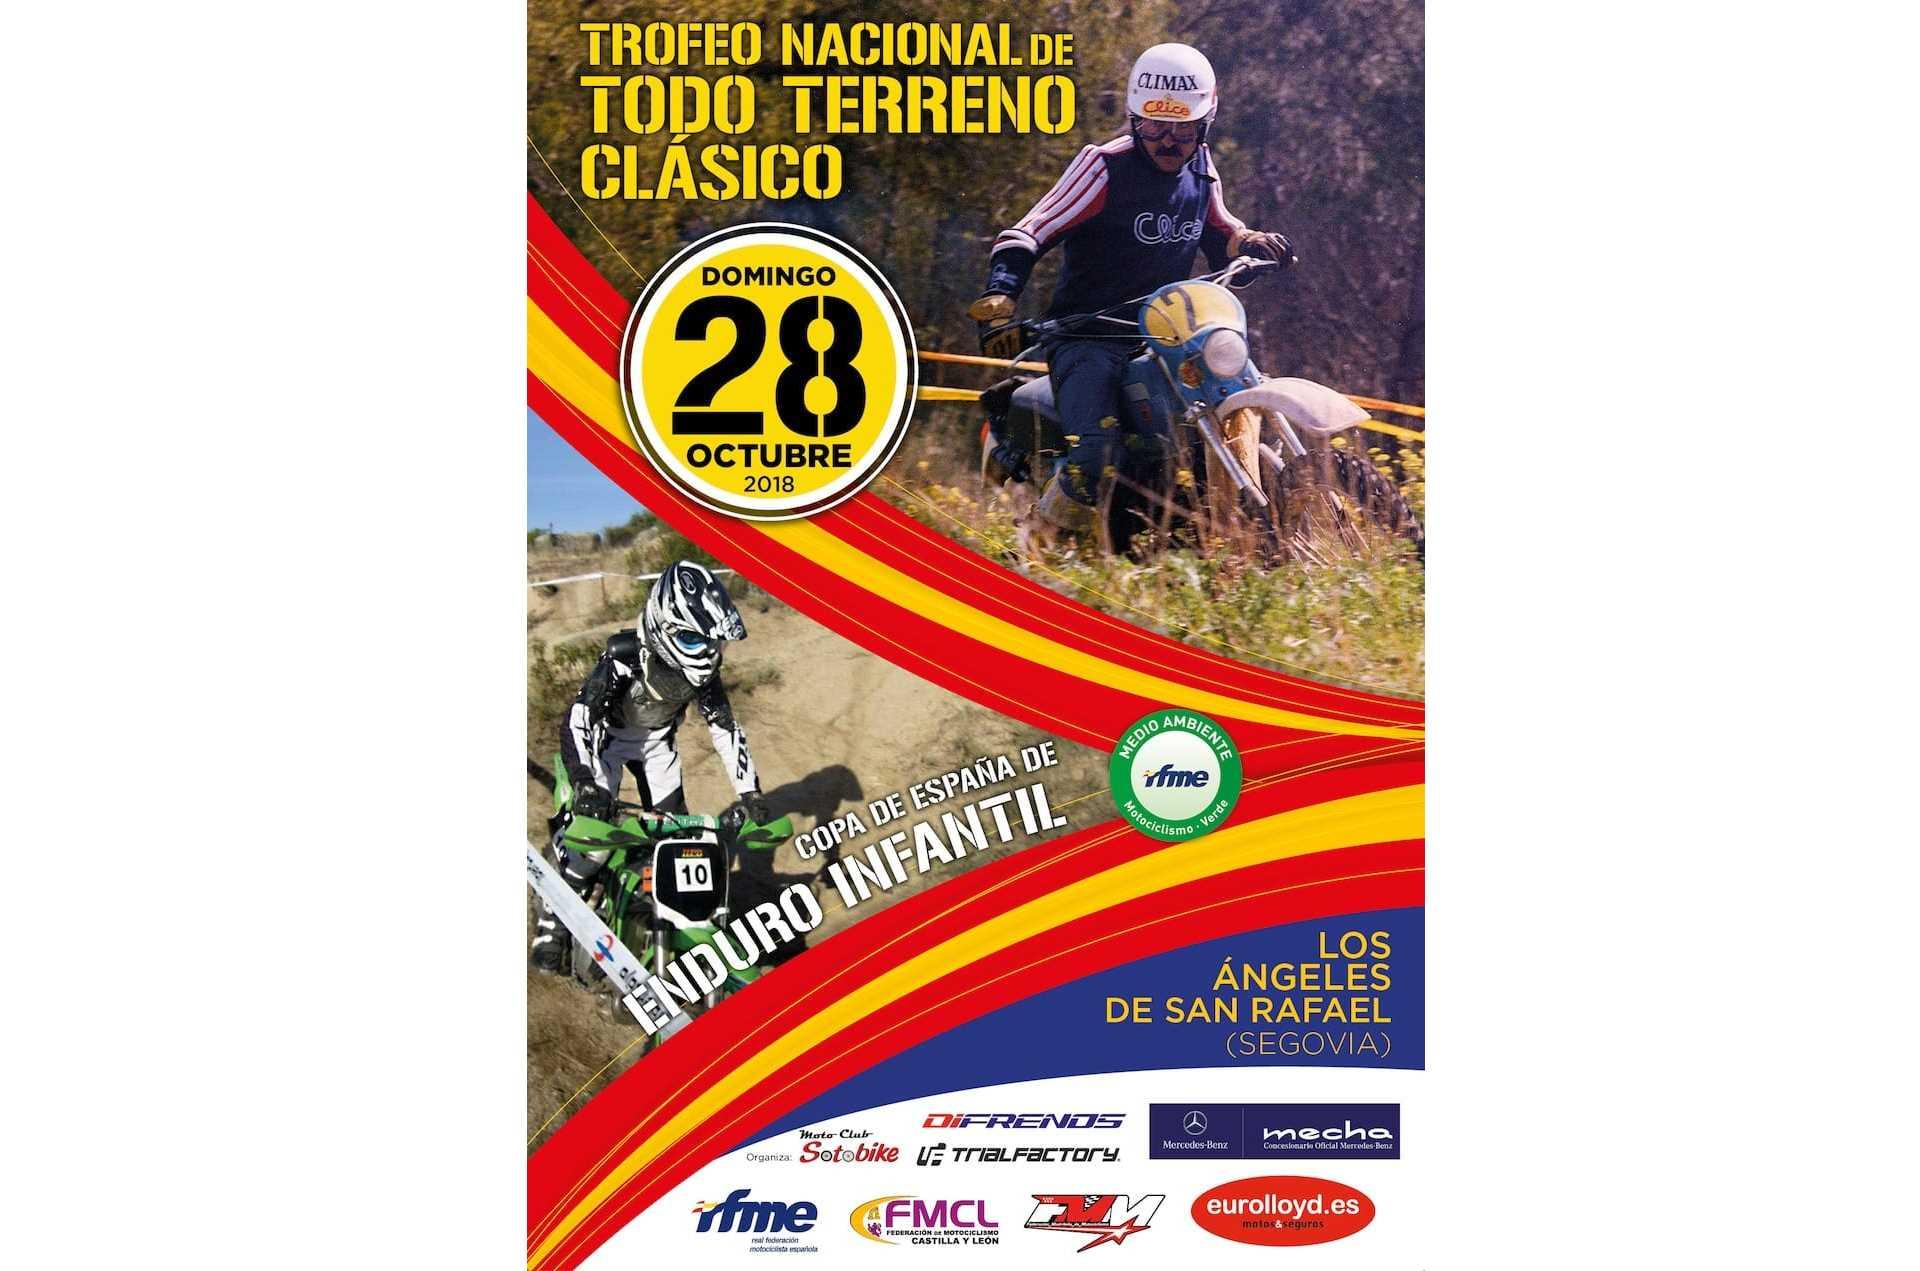 El Trofeo Nacional de Todo Terreno Clásico se estrena este fin de semana